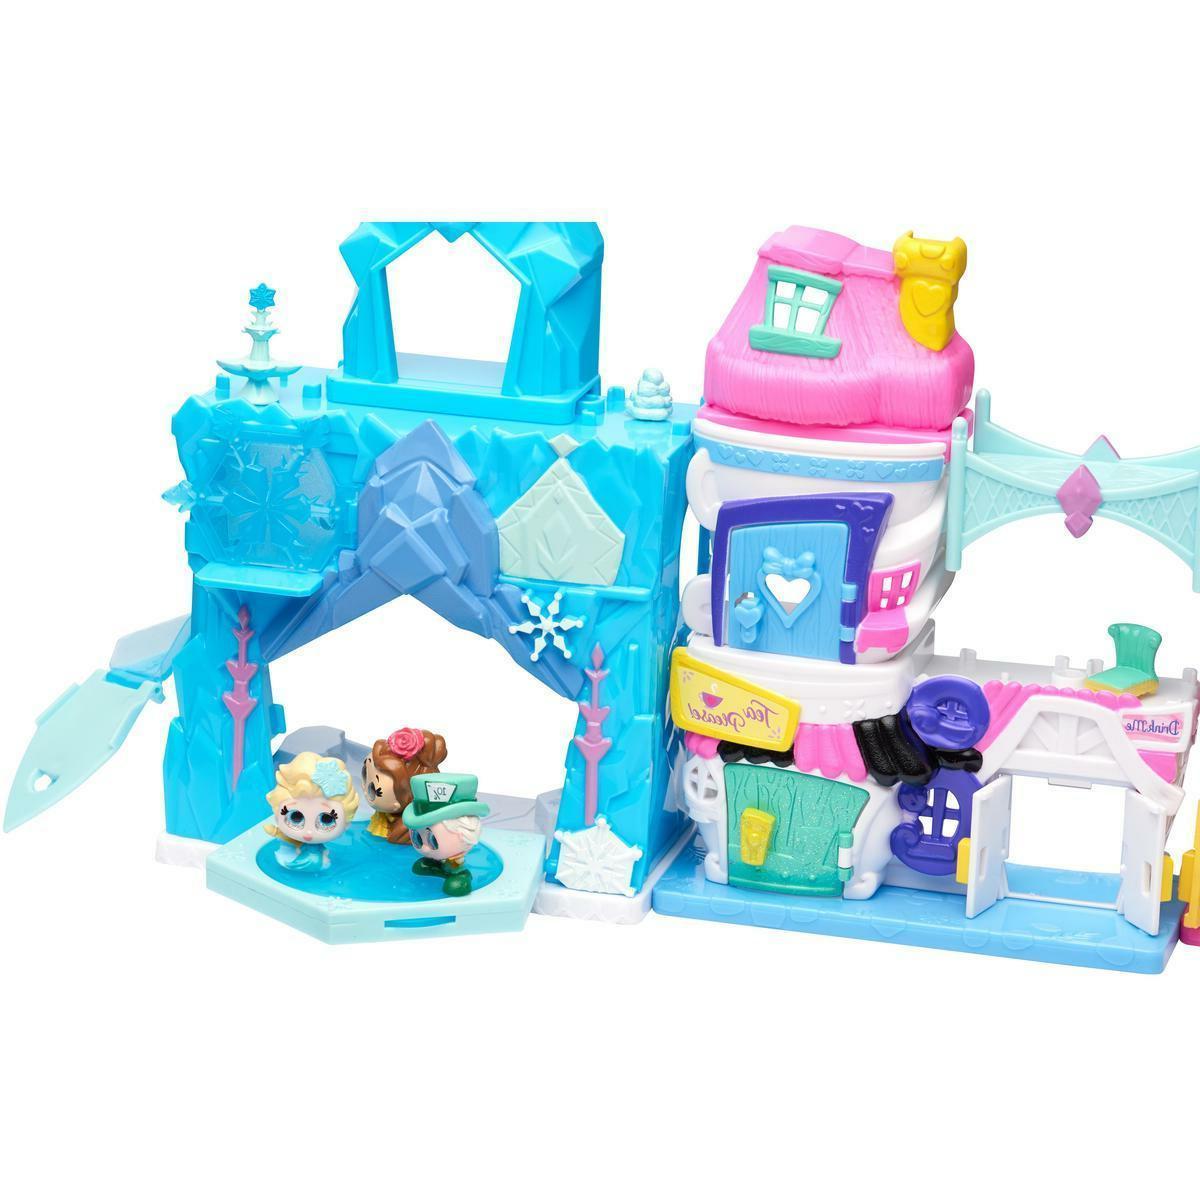 NEW Disney Doorables Stack Build Playset Elsa Belle Birthday Gift